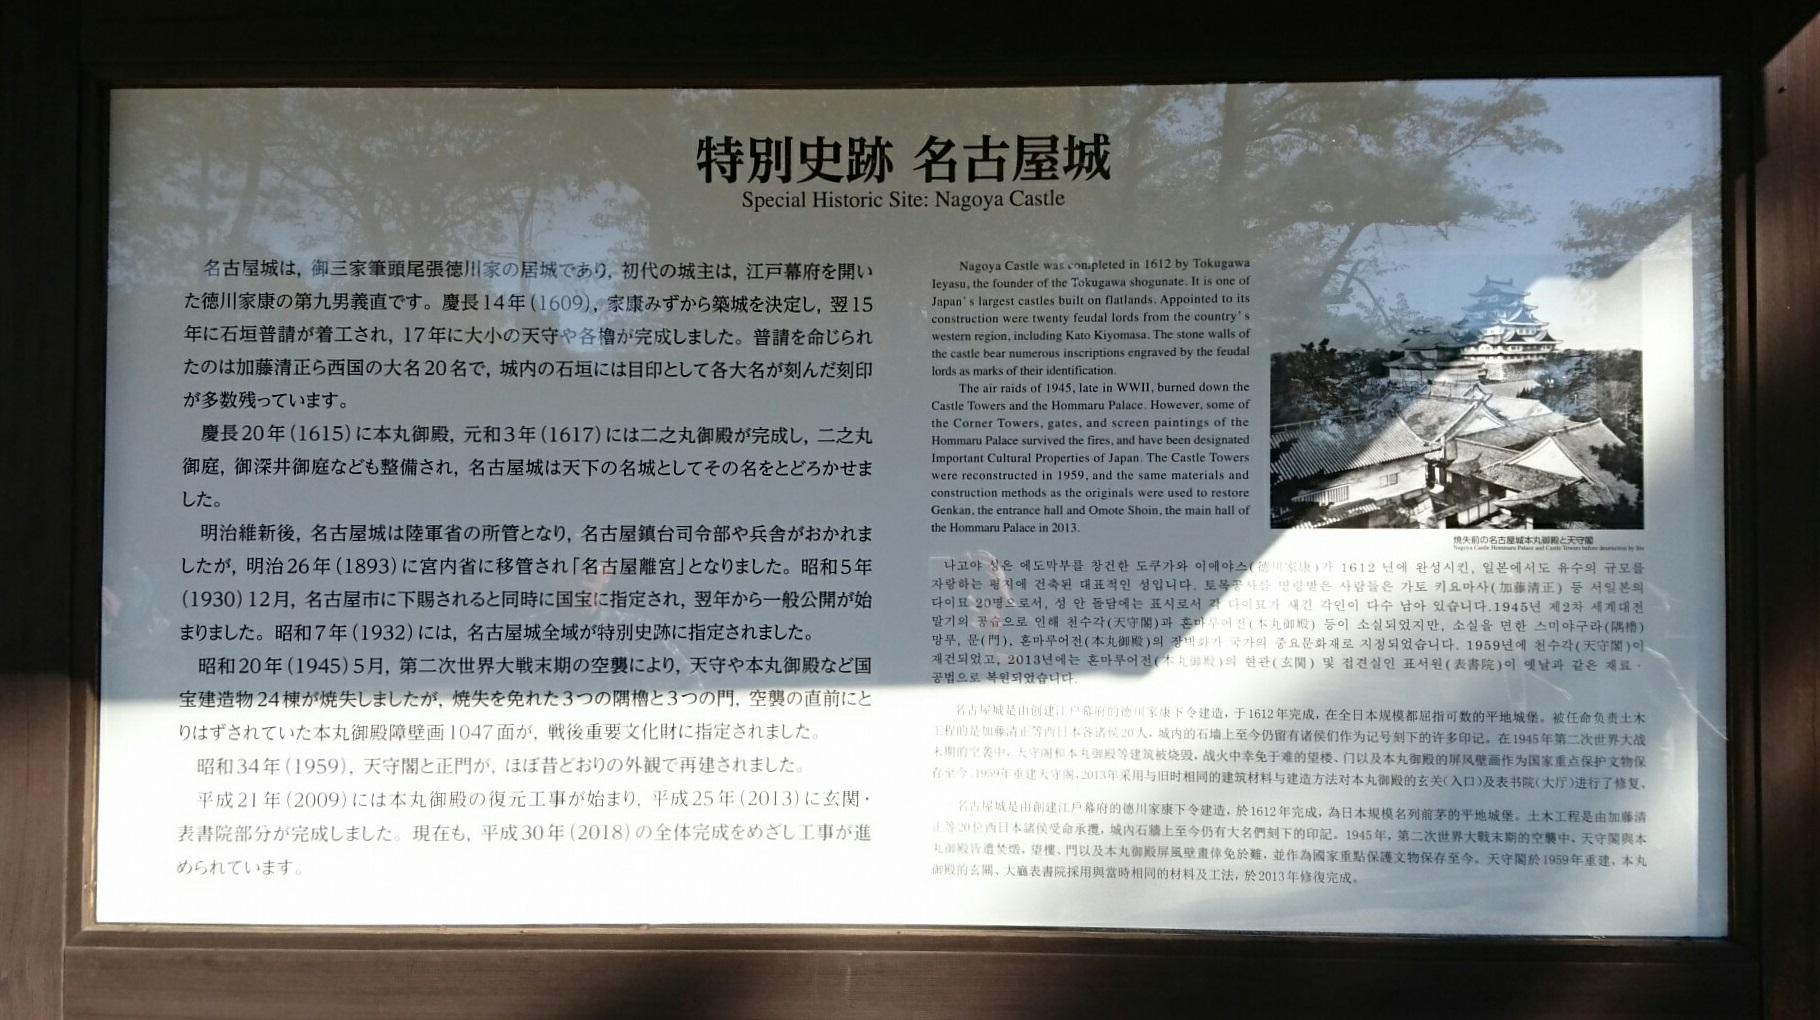 2017.11.3 名古屋城 (資3-1) 特別史跡名古屋城 1820-1020